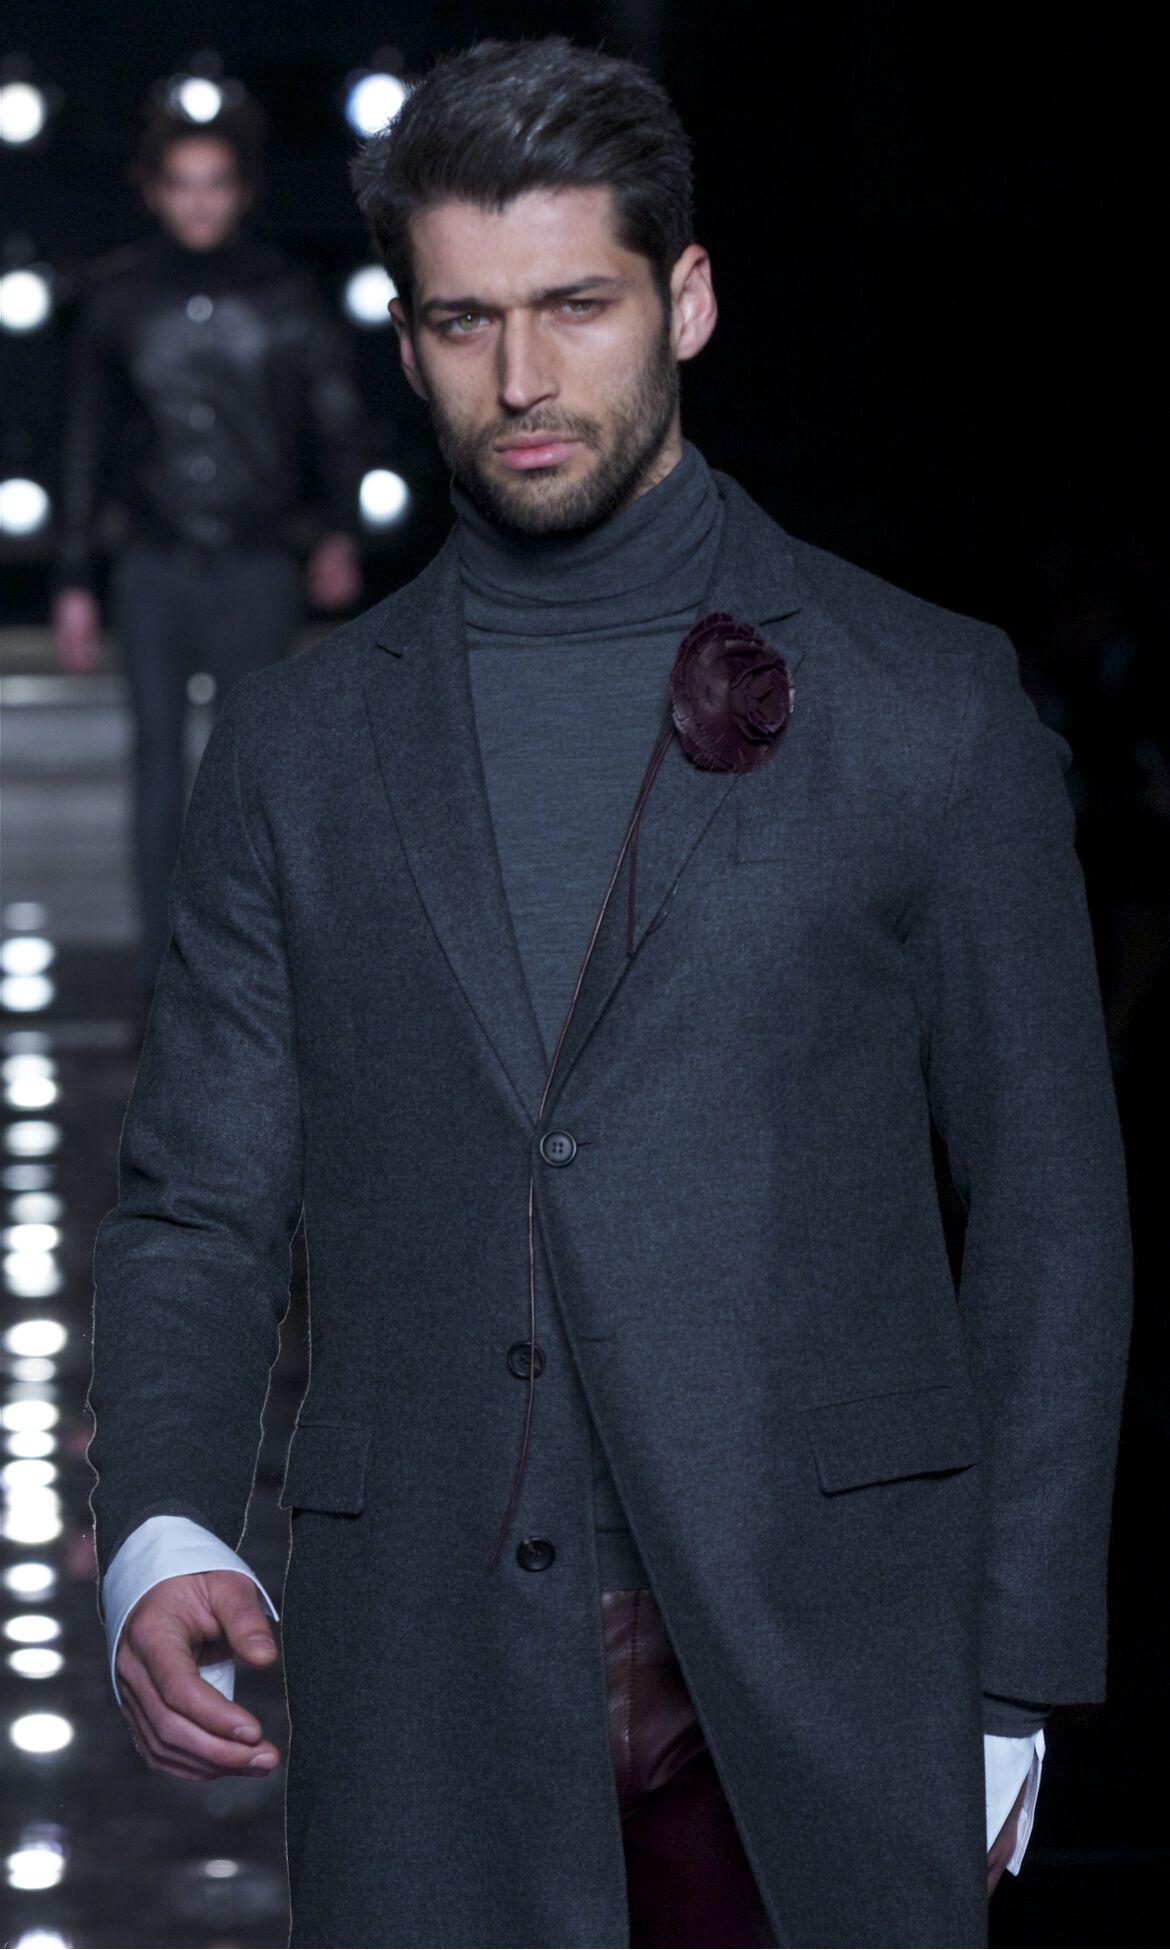 Ermanno Scervino Fashion Show Winter 2013 Model